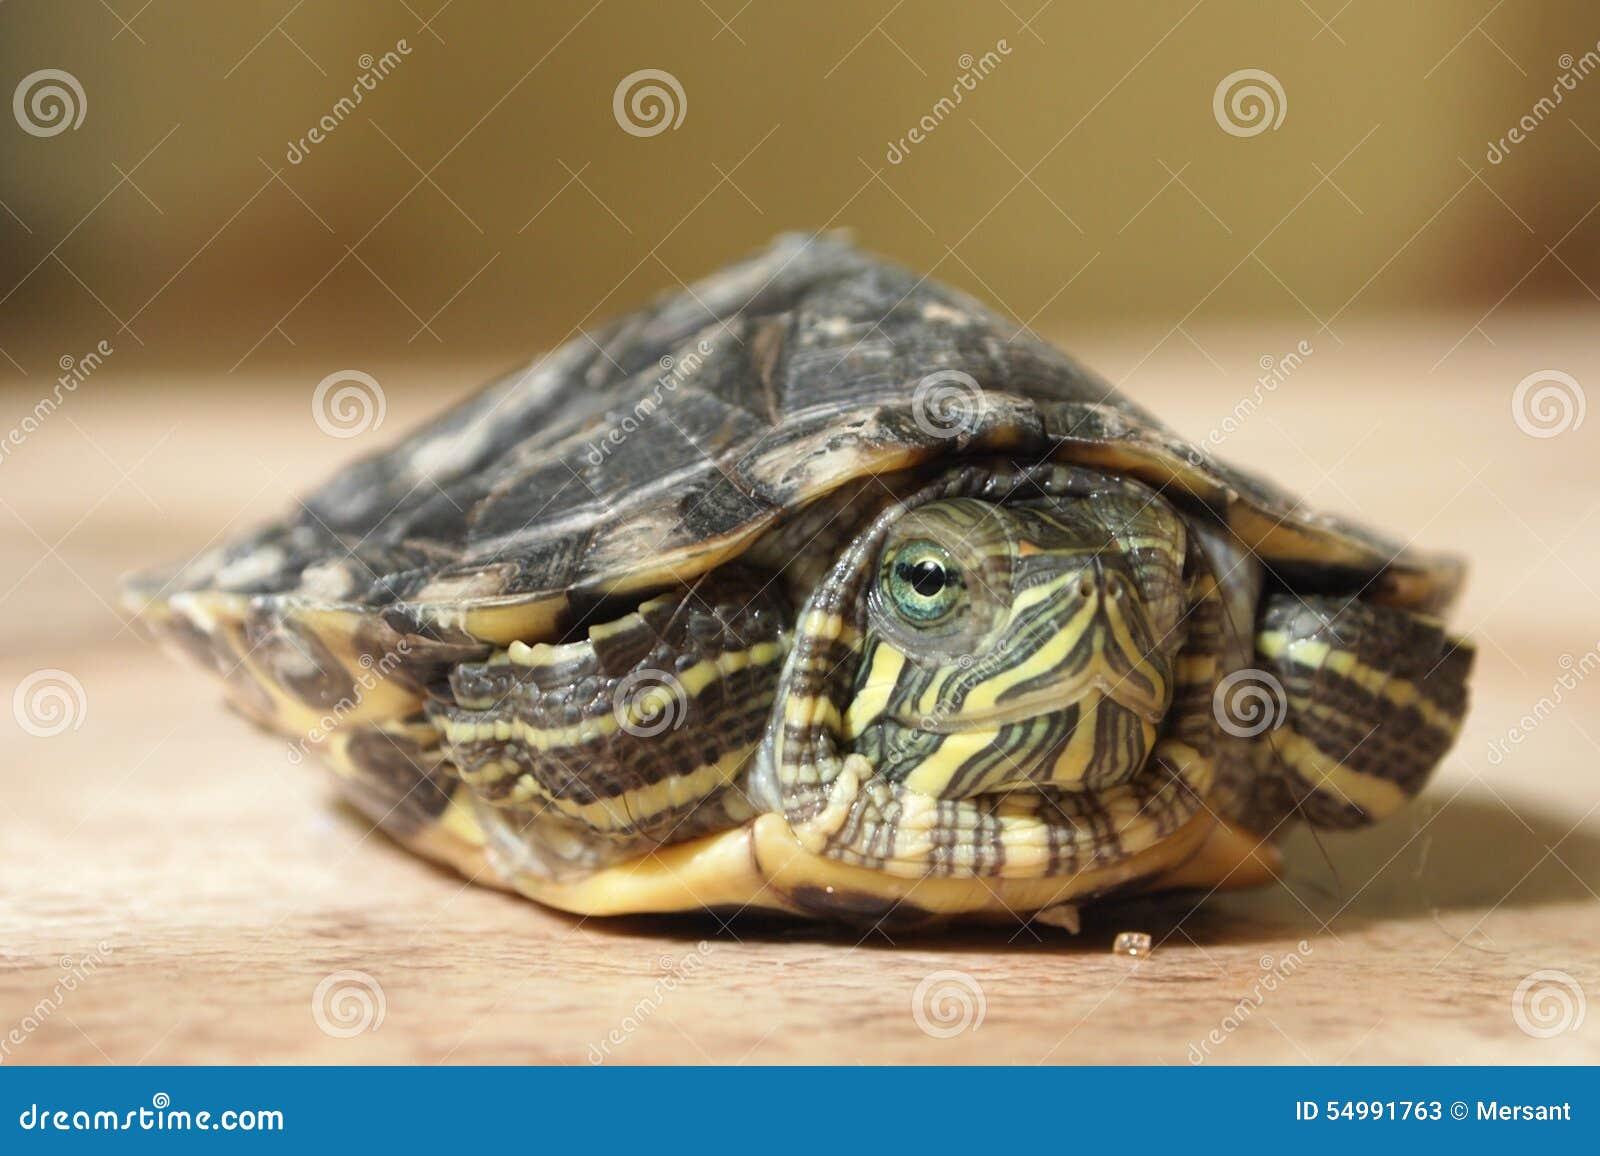 Terrapin moerasschildpad